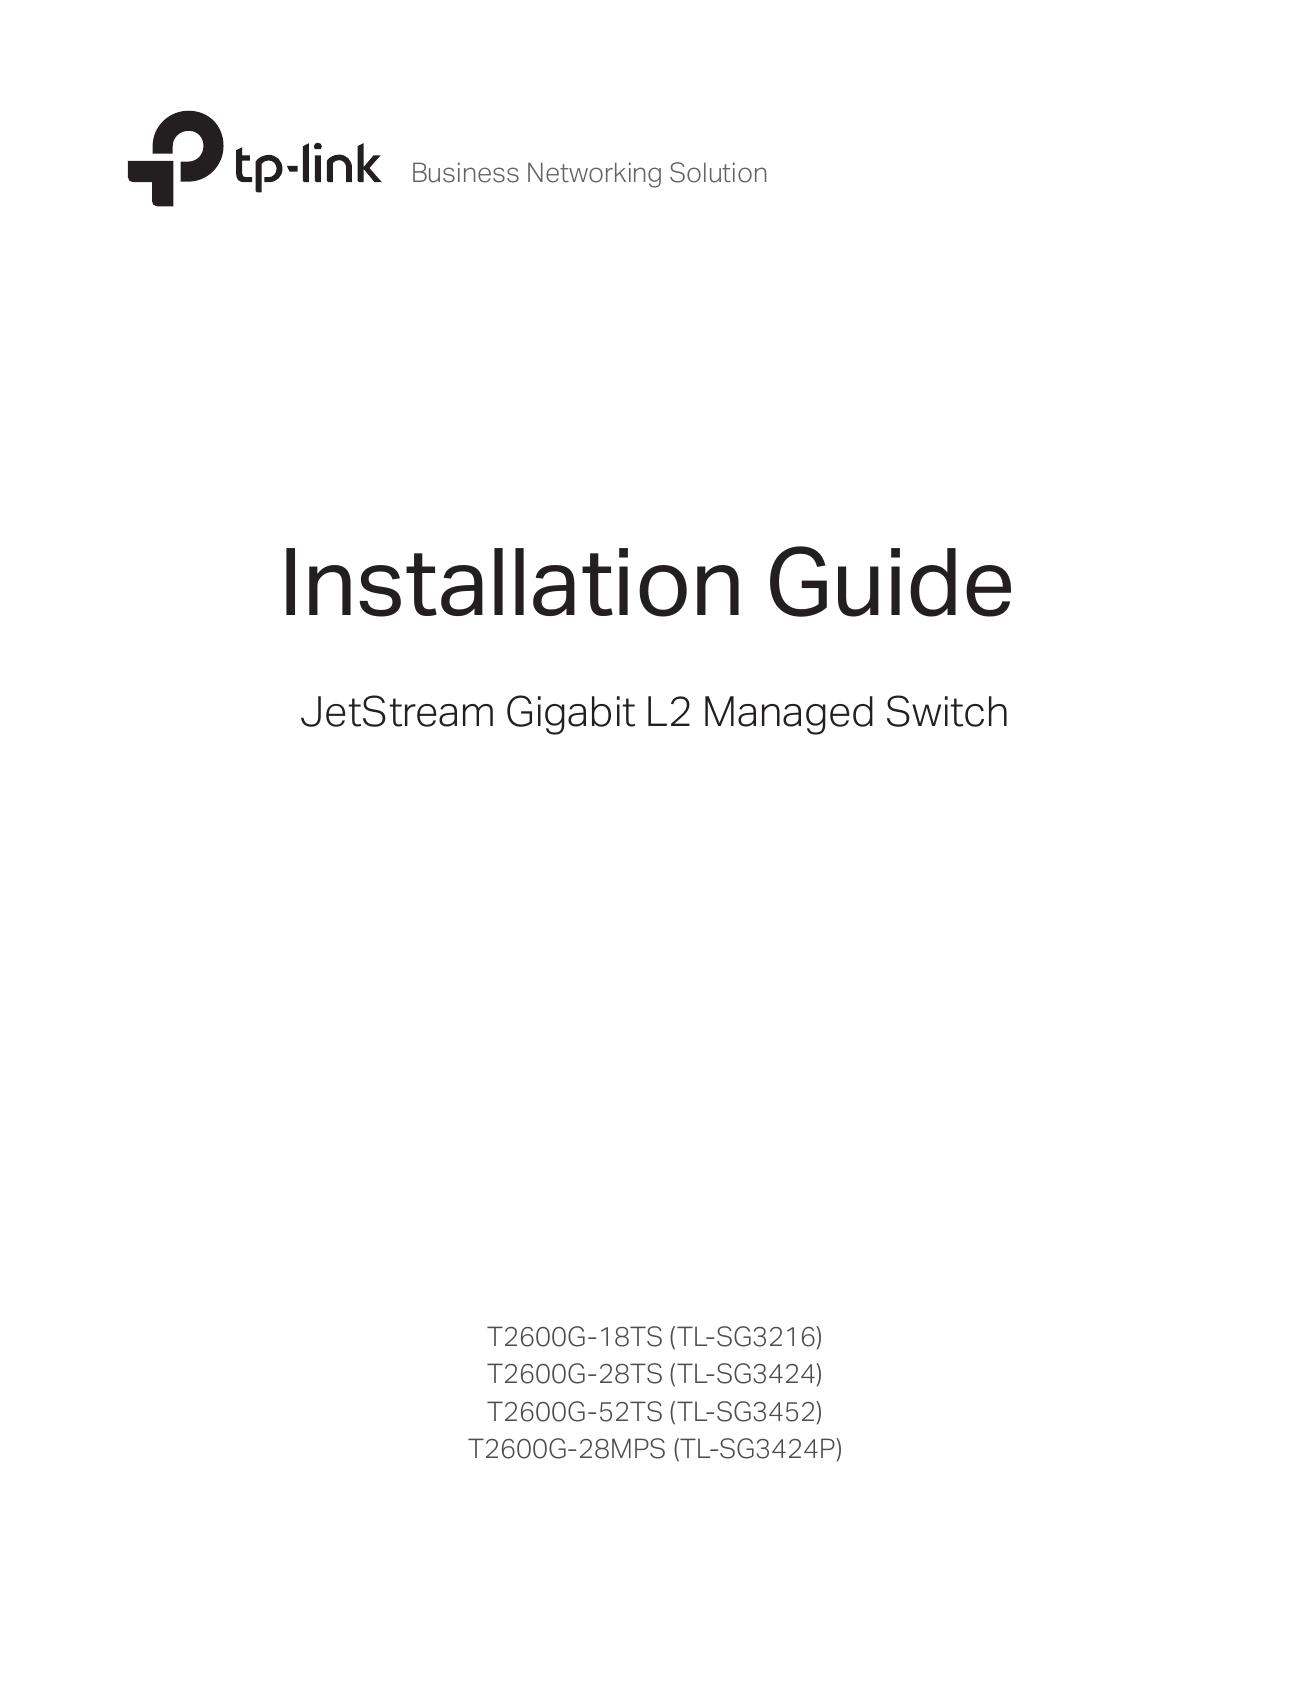 Installation Guide - TP-Link | manualzz com